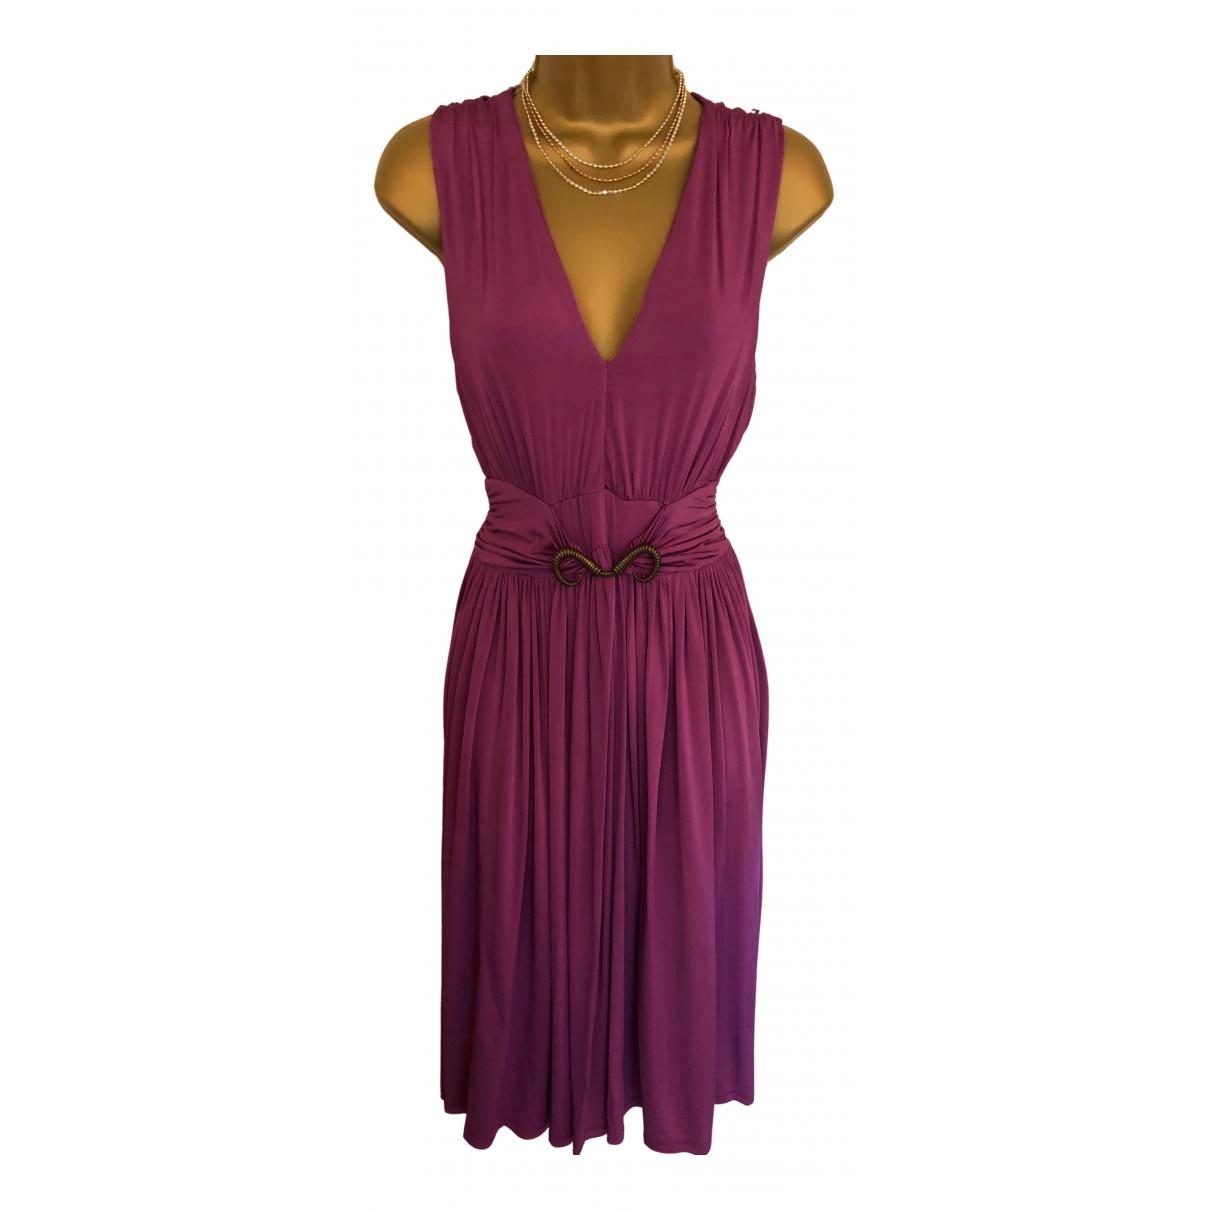 Just Cavalli \N Kleid in  Lila Viskose